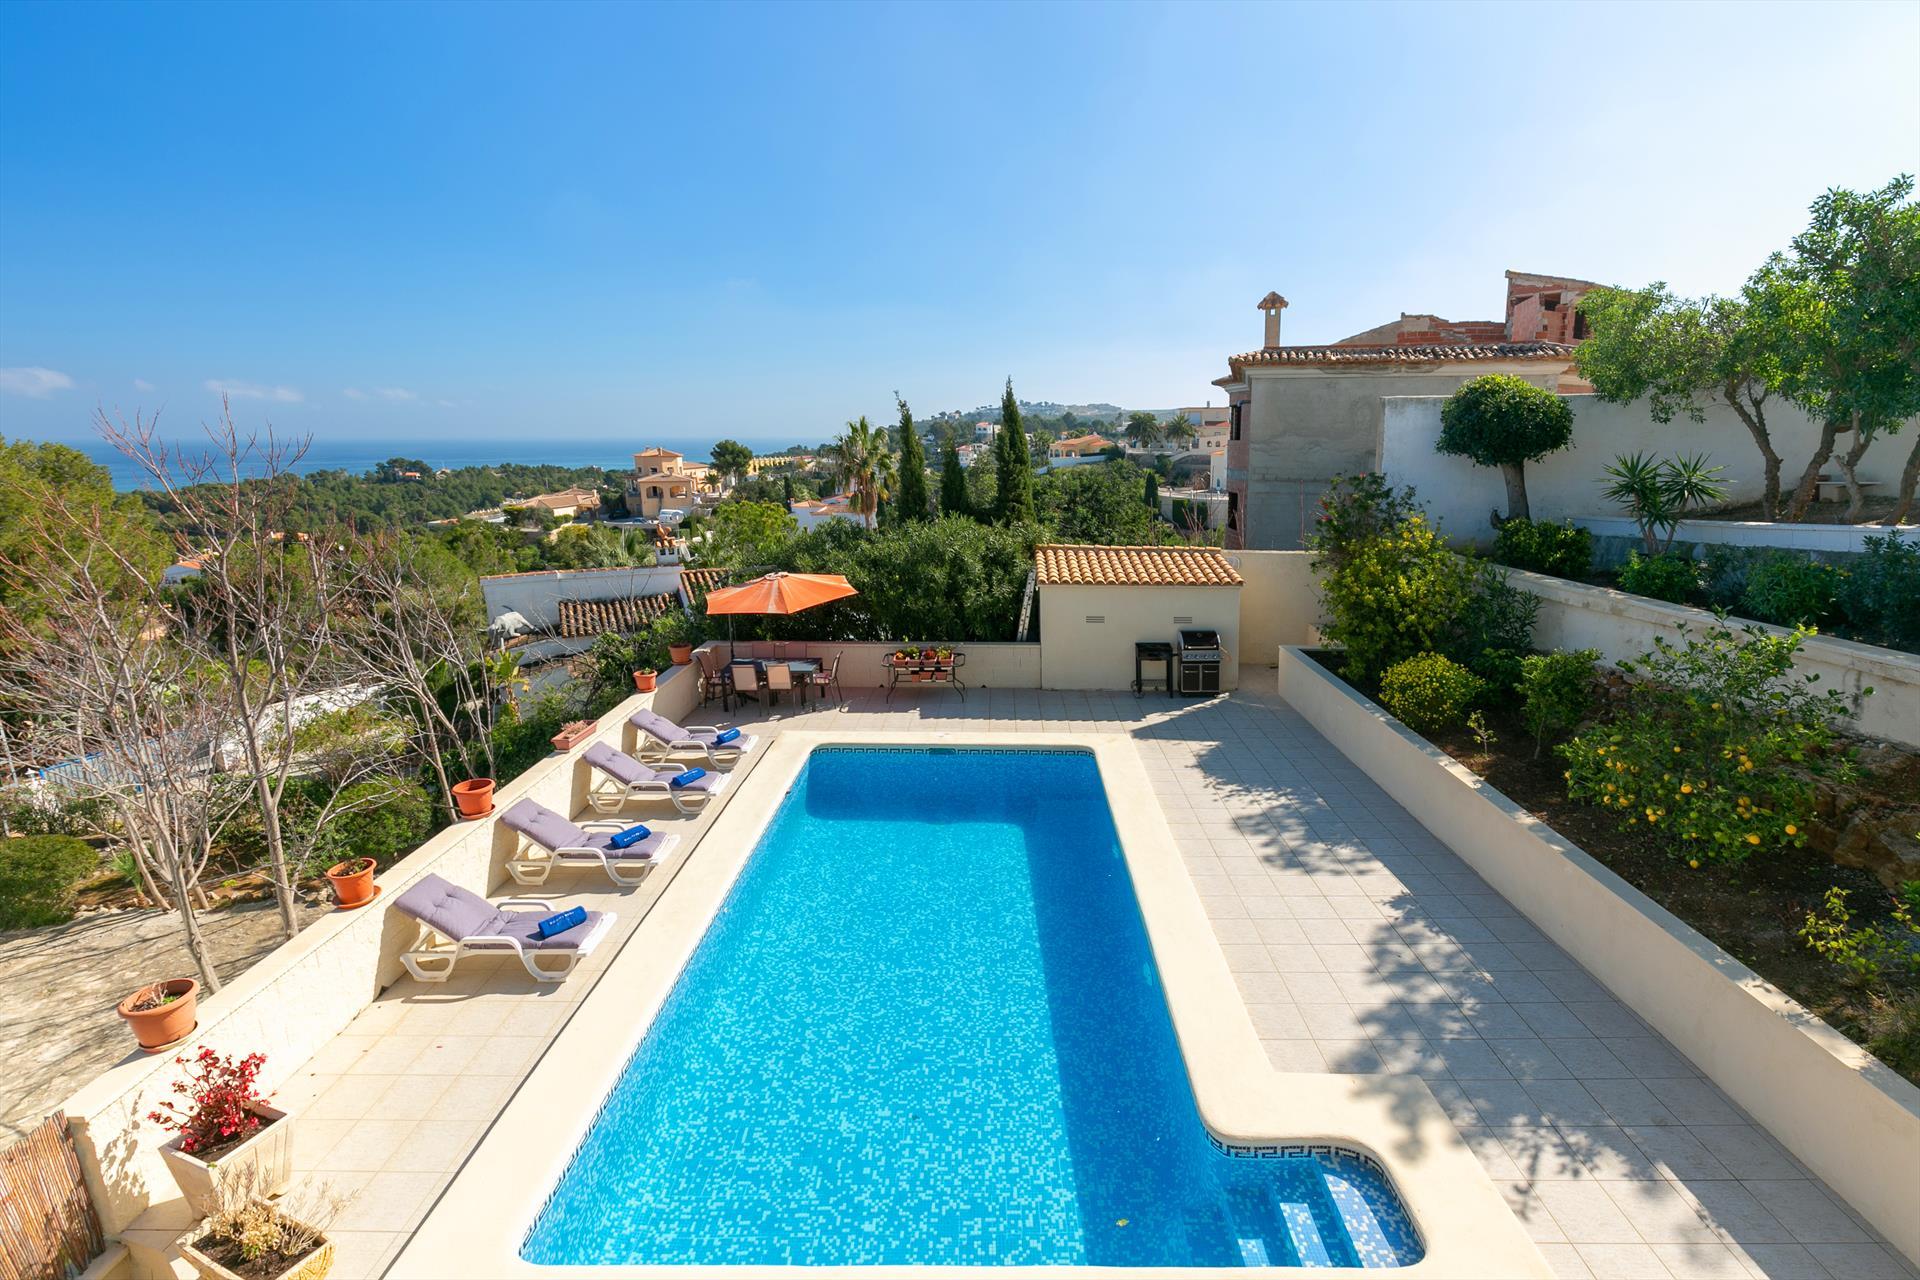 Villa Lotus,Современнкая, удобная вилла   с частным бассейном на 8 человек в Дении, нa Коста Бланкe, в Испании...